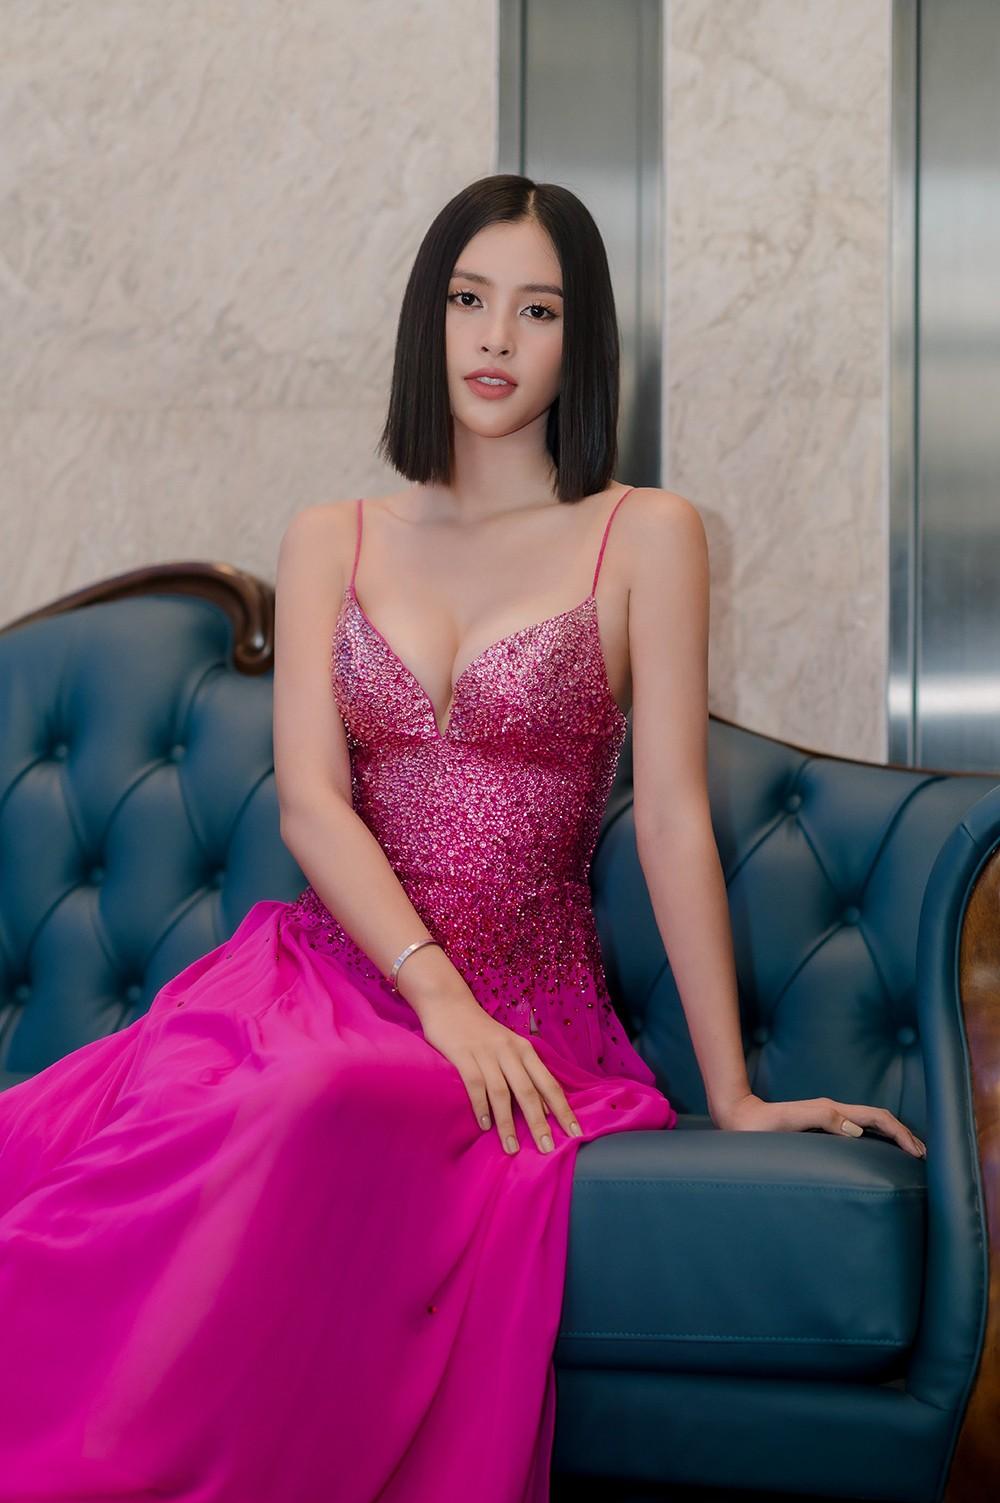 'Đụng' váy dạ hội xẻ táo bạo với Hoàng Thùy, Tiểu Vy vẫn ghi điểm bởi body nóng bỏng ảnh 11